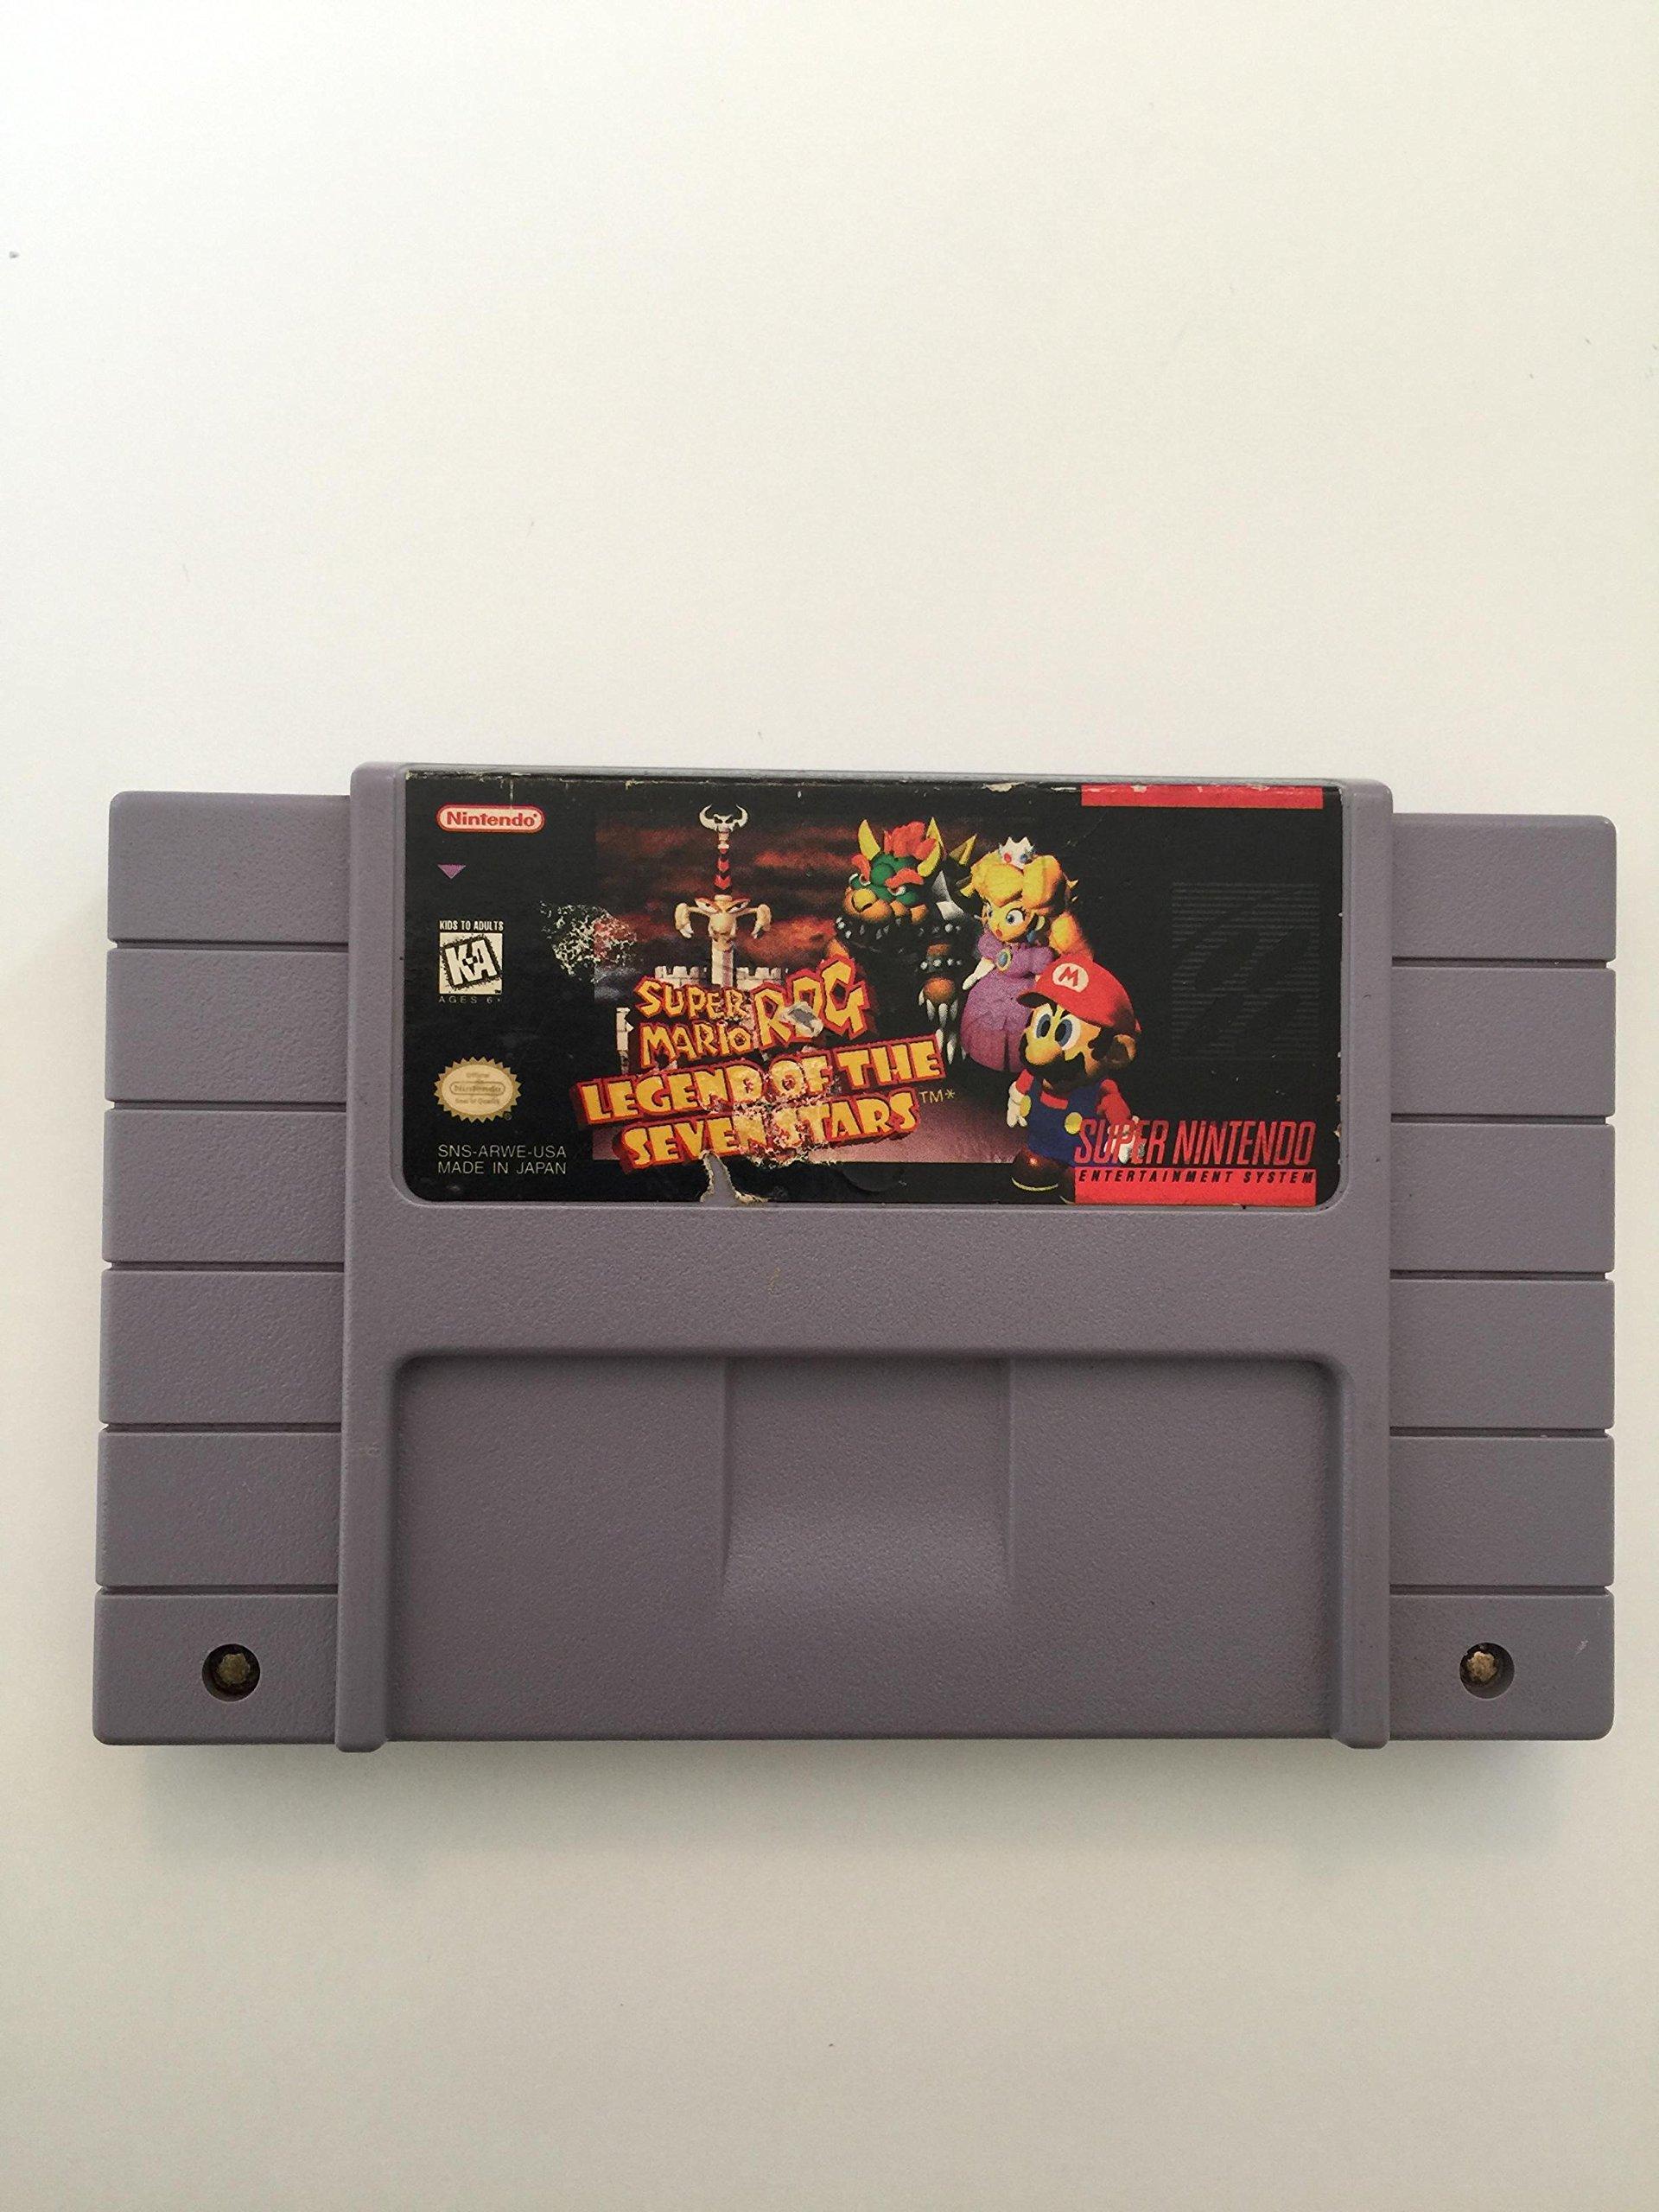 Amazon.com: Super Mario RPG: Legend of the Seven Stars ...